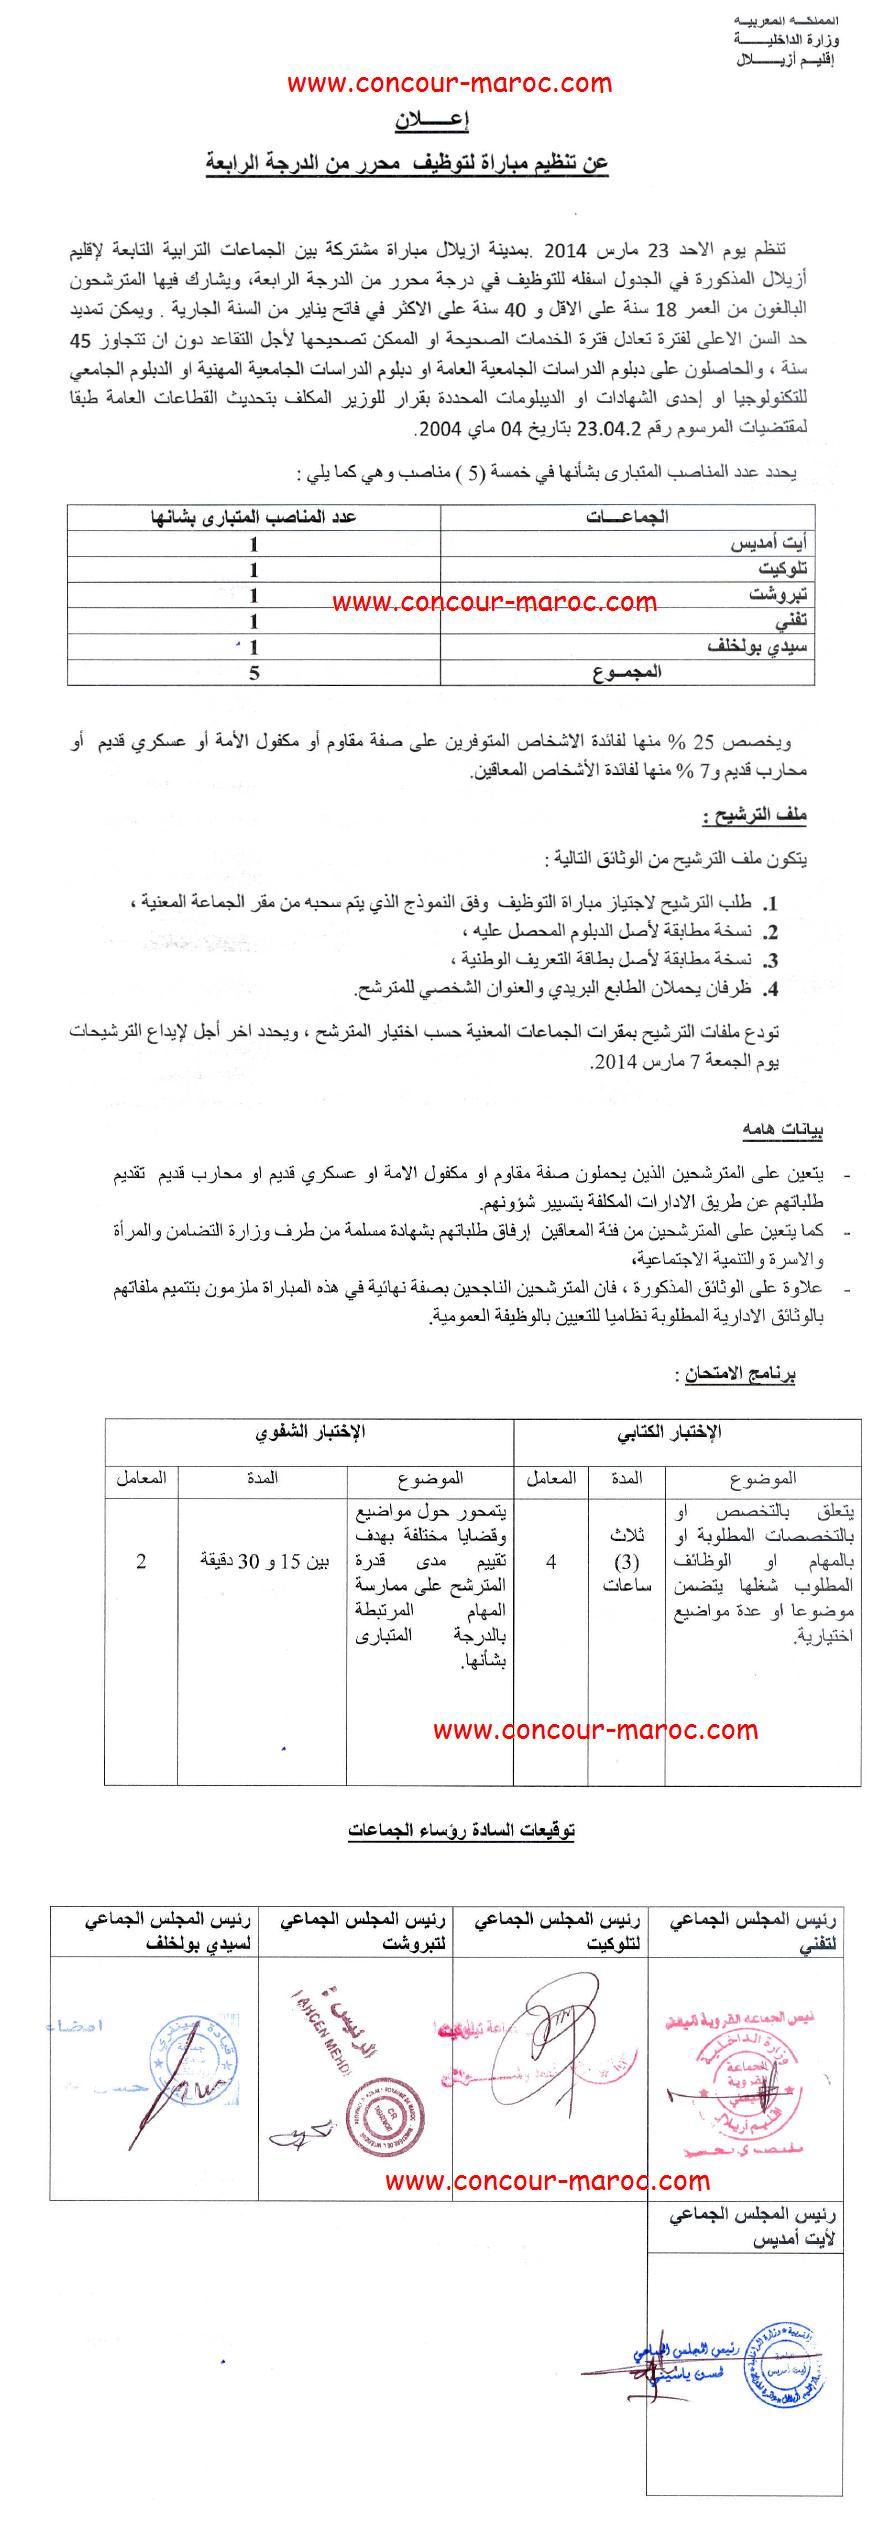 عمالة إقليم أزيلال : مباراة لتوظيف محرر من الدرجة الرابعة ~ سلم 8 (5 مناصب) آخر أجل لإيداع الترشيحات 7 مارس 2014 Concou36